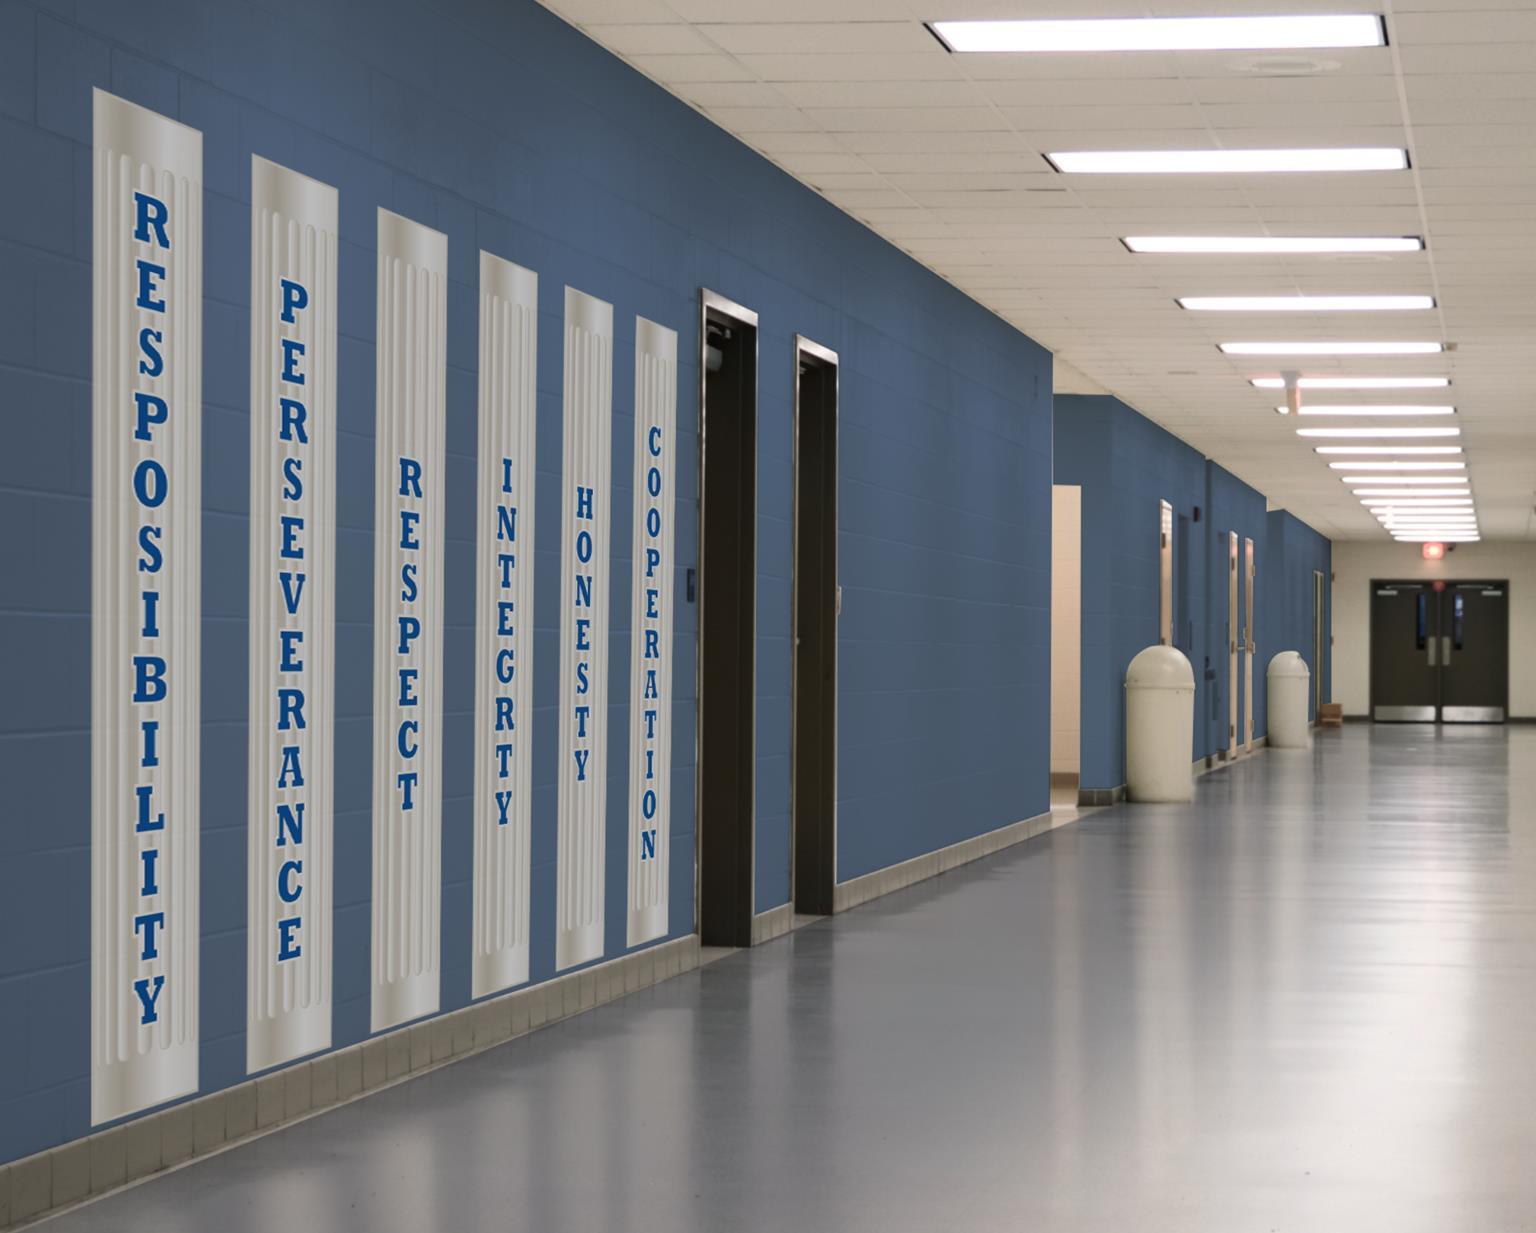 Column Pillar Wall Stickers 6ft